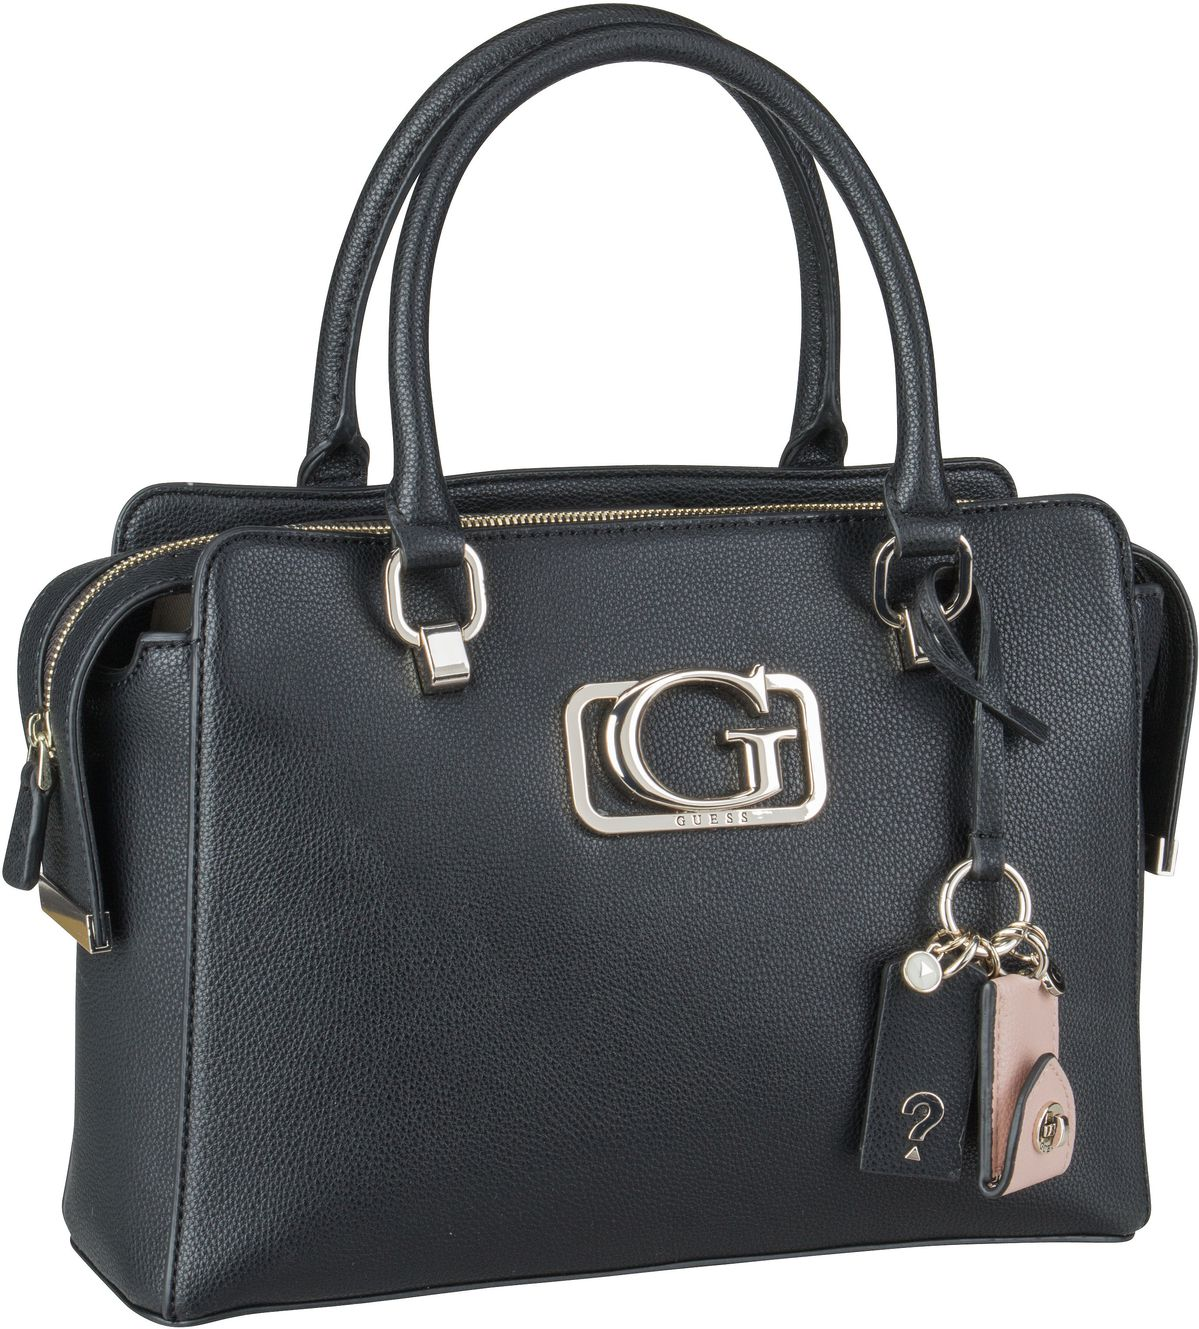 Handtasche Annarita Girlfriend Satchel Black